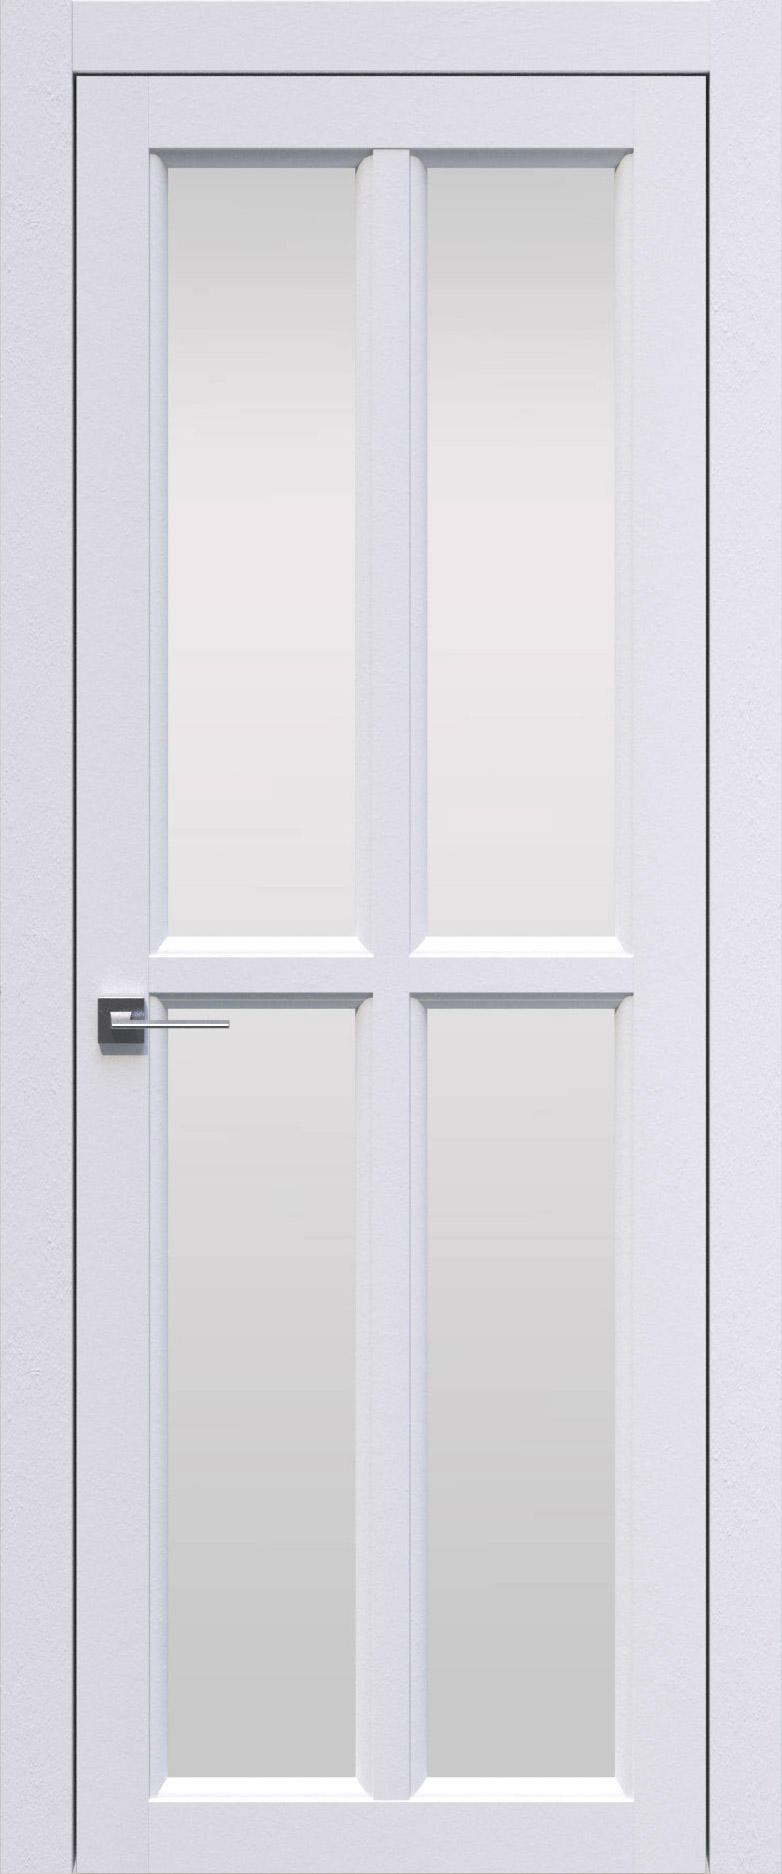 Sorrento-R И4 цвет - Арктик белый Со стеклом (ДО)